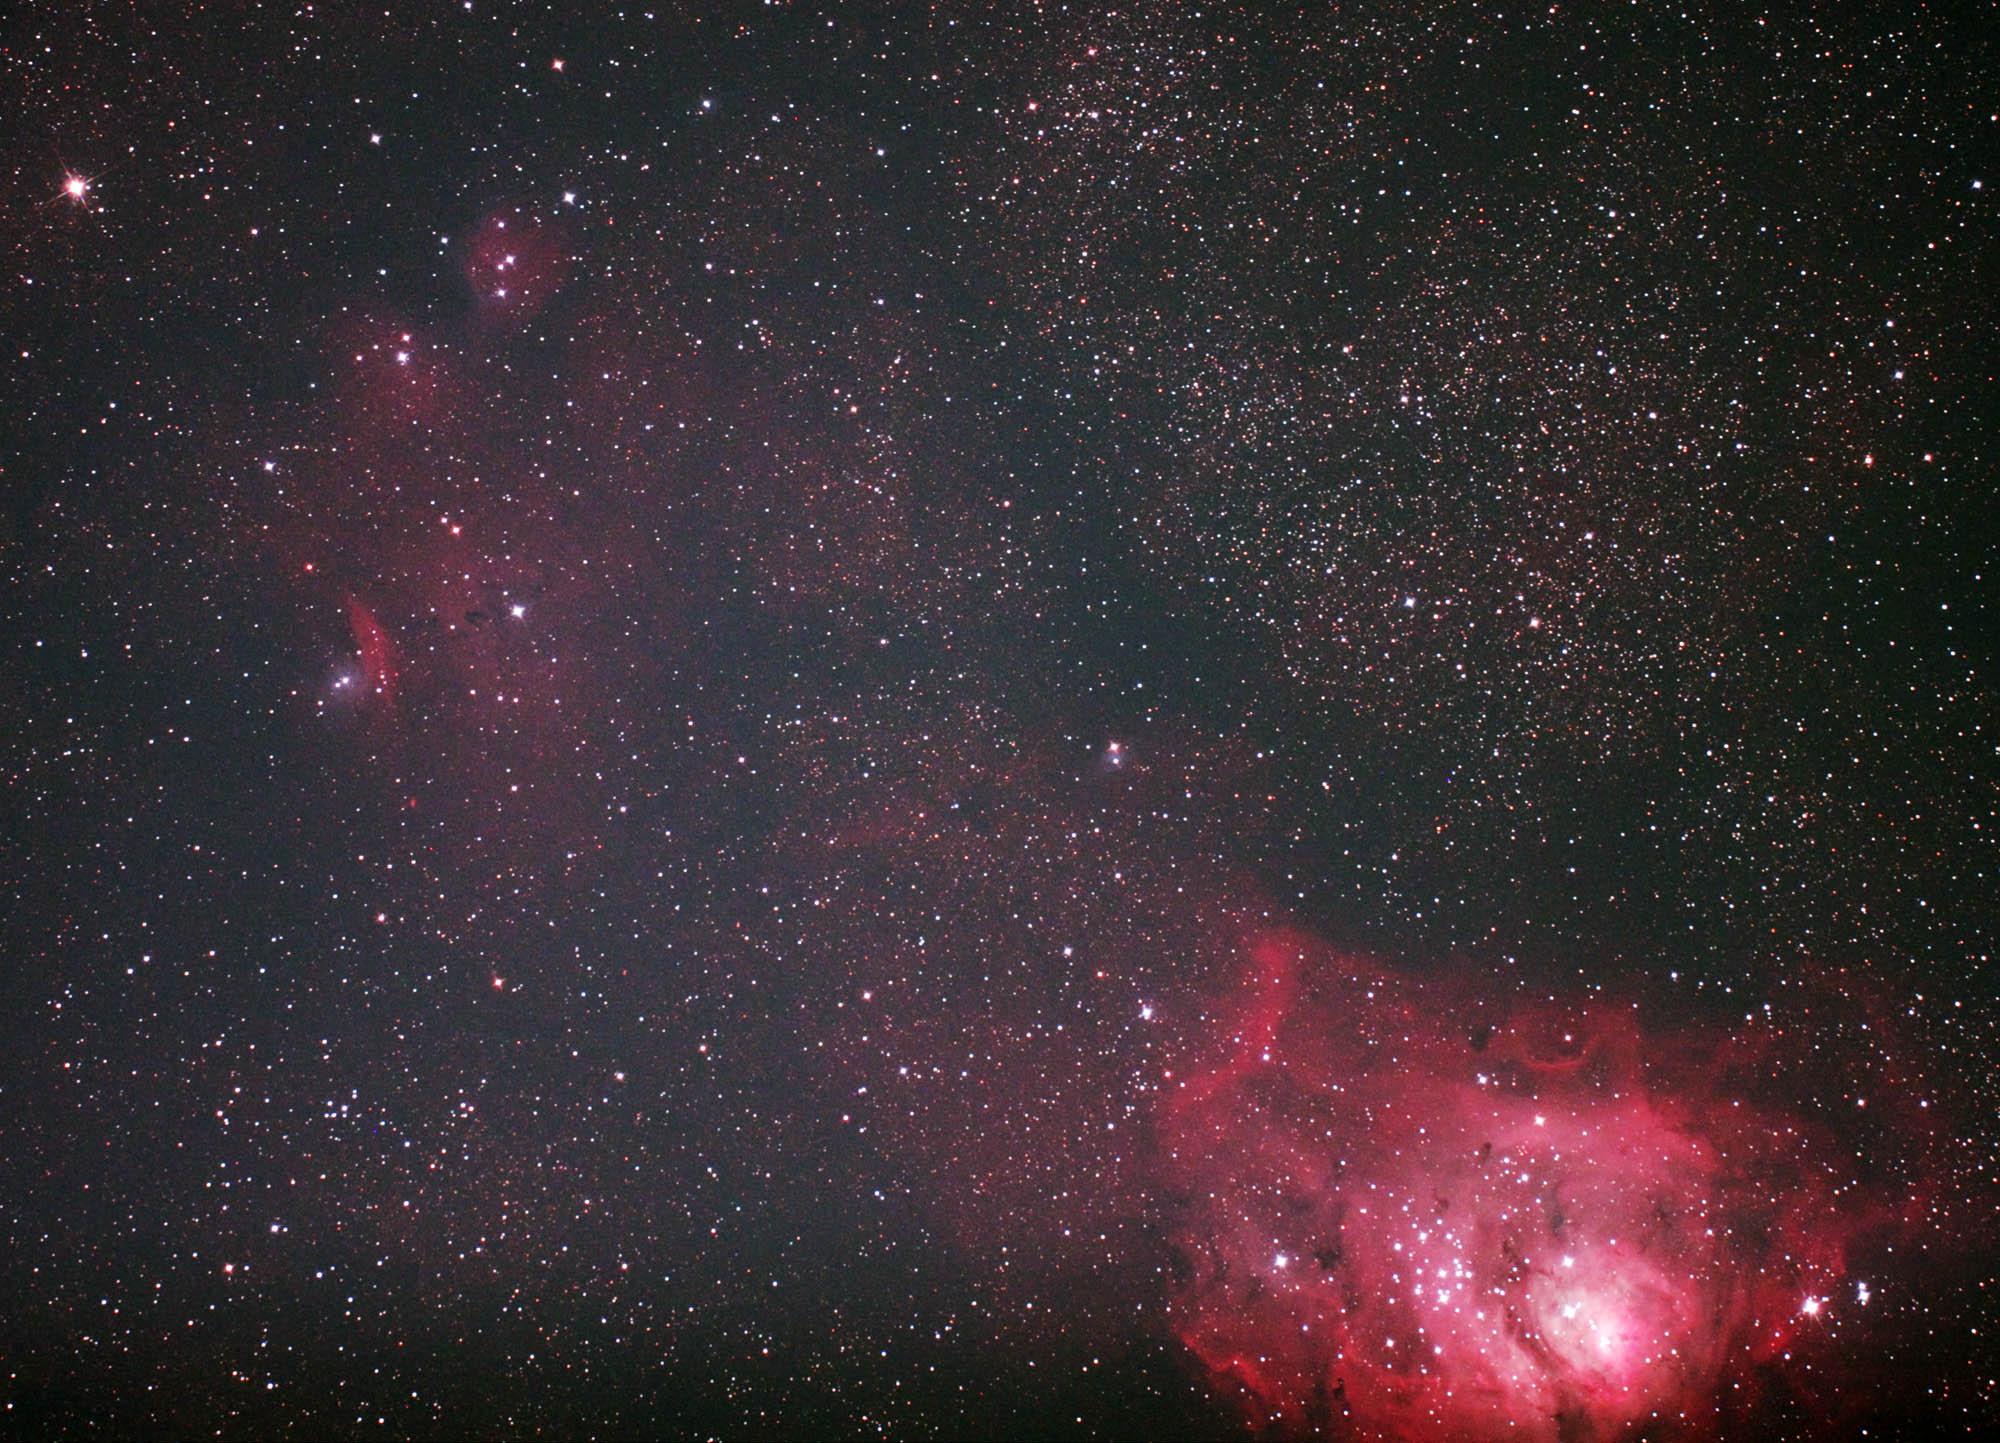 猫の肉球星雲_e0174091_15343392.jpg